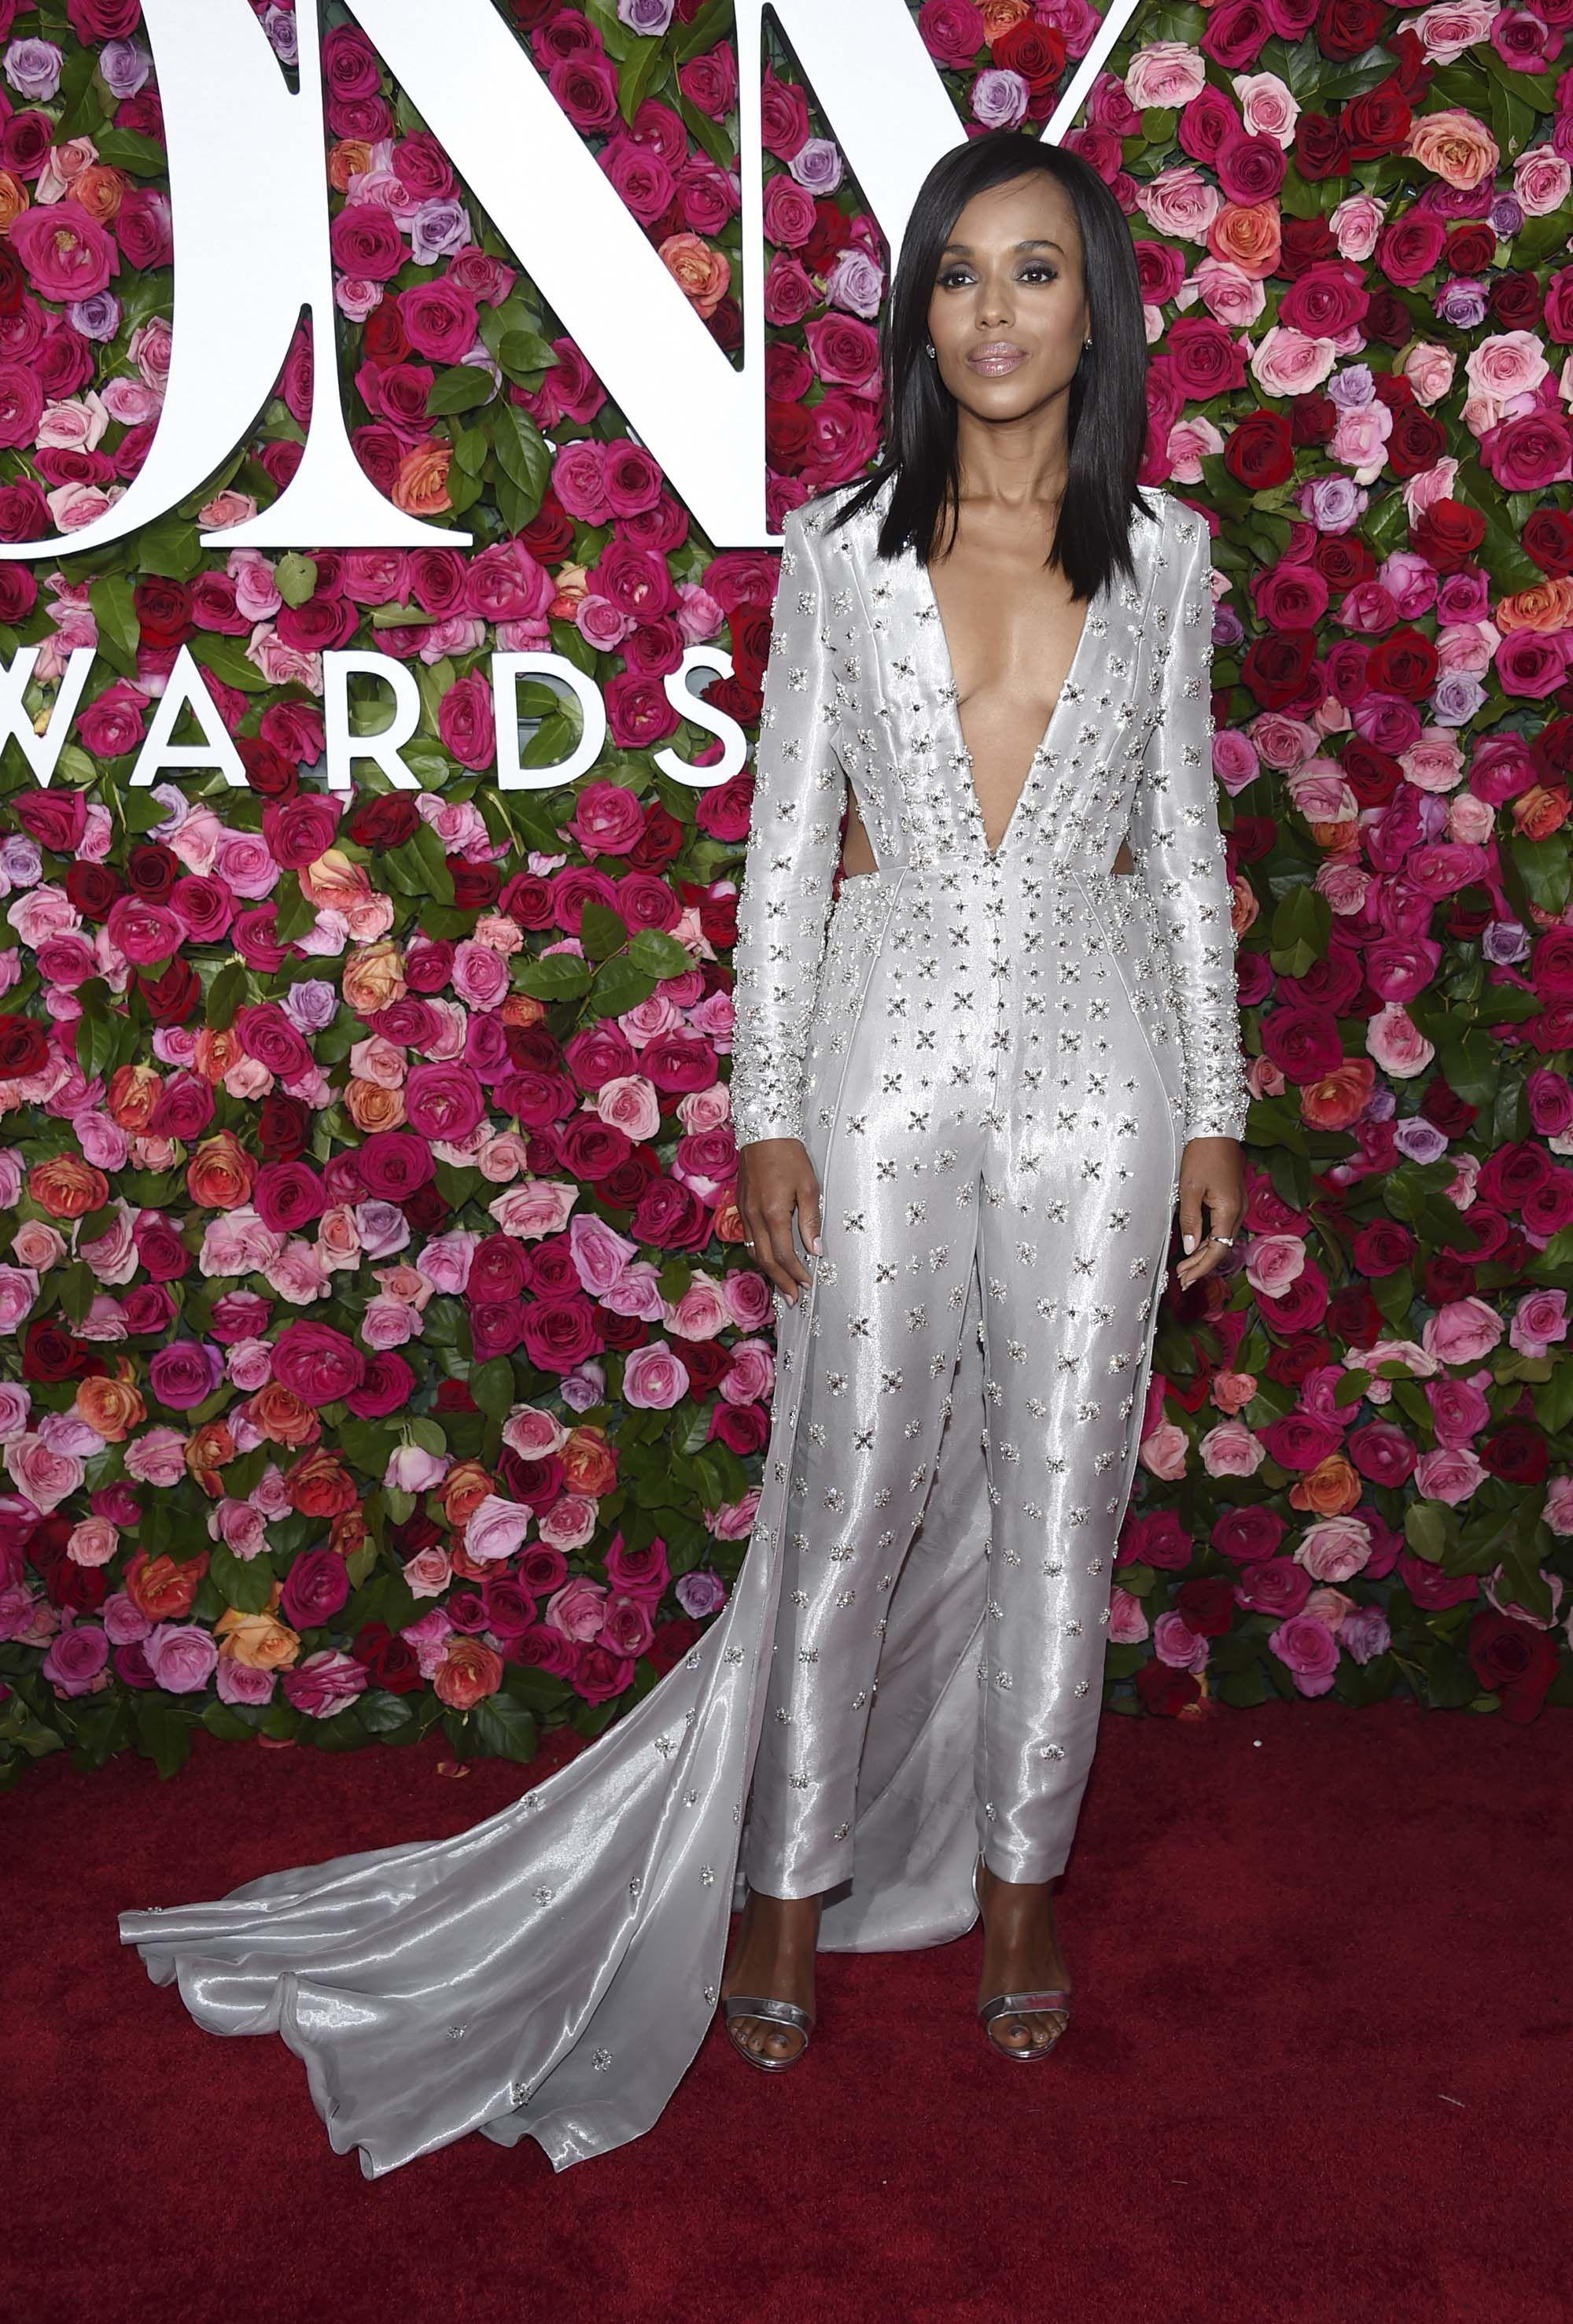 Tony Awards 2018